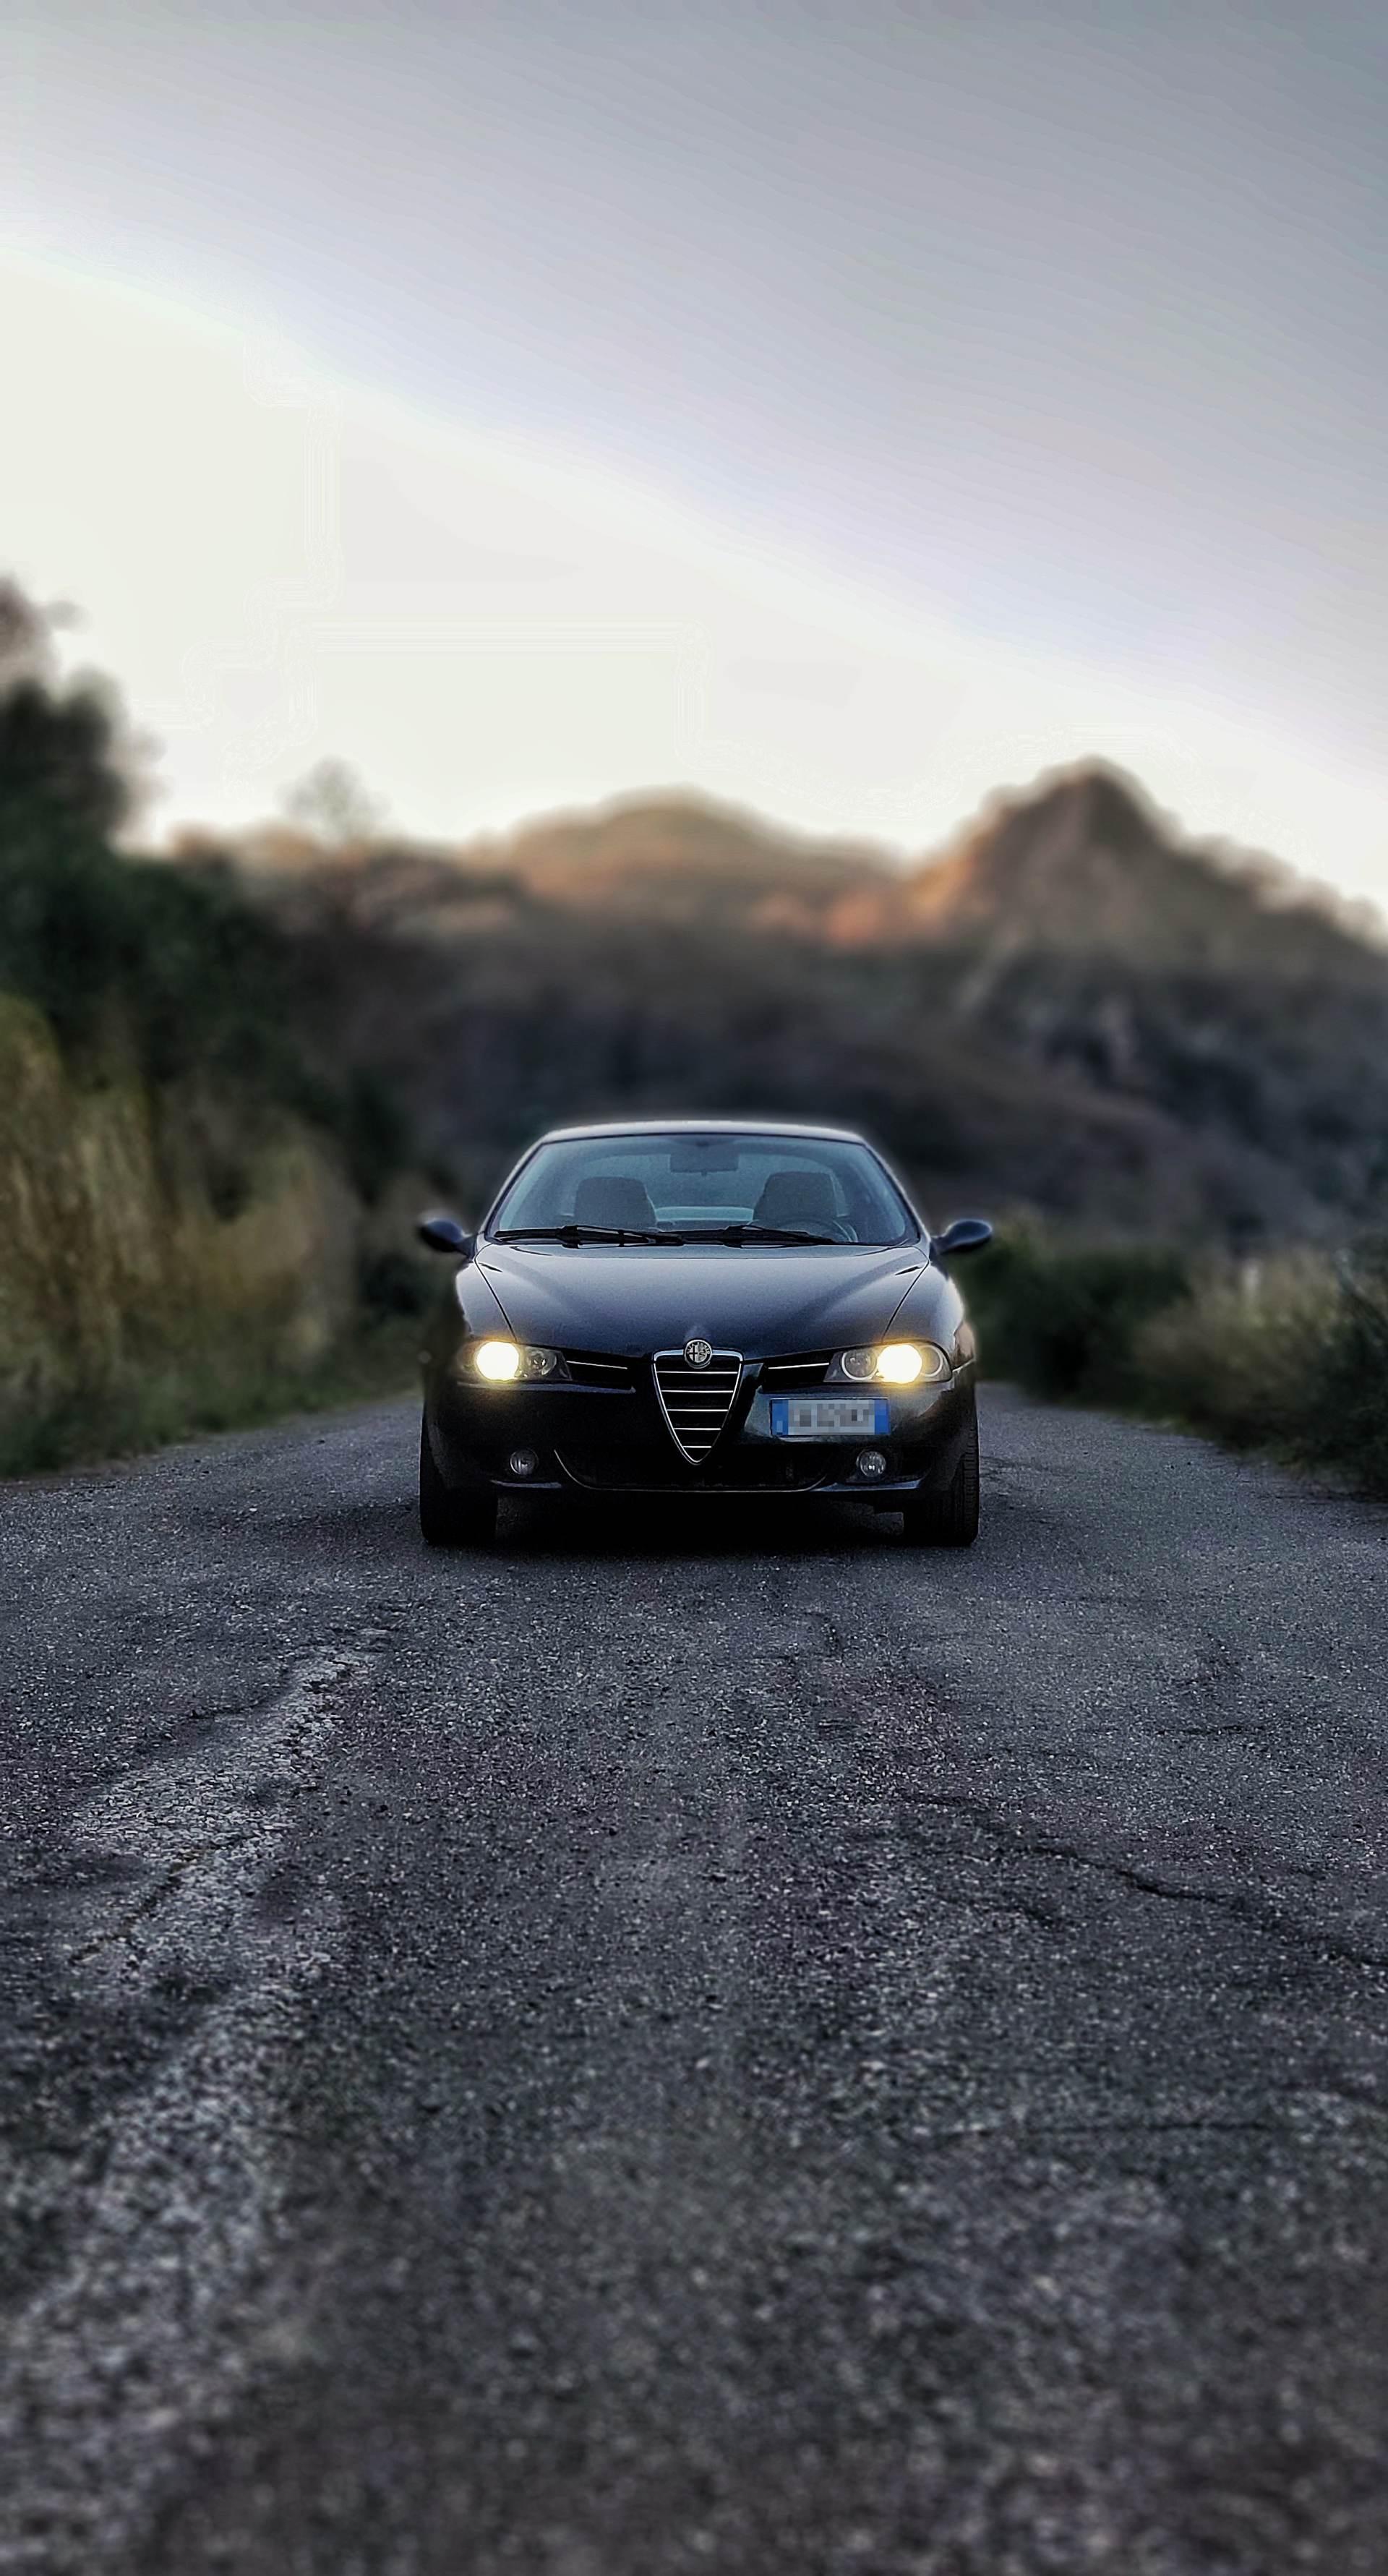 foto Alfa Romeo 156 - 1.9 JTD-m 140cv - Progression - Blu Capri - 2005 - CT - 6